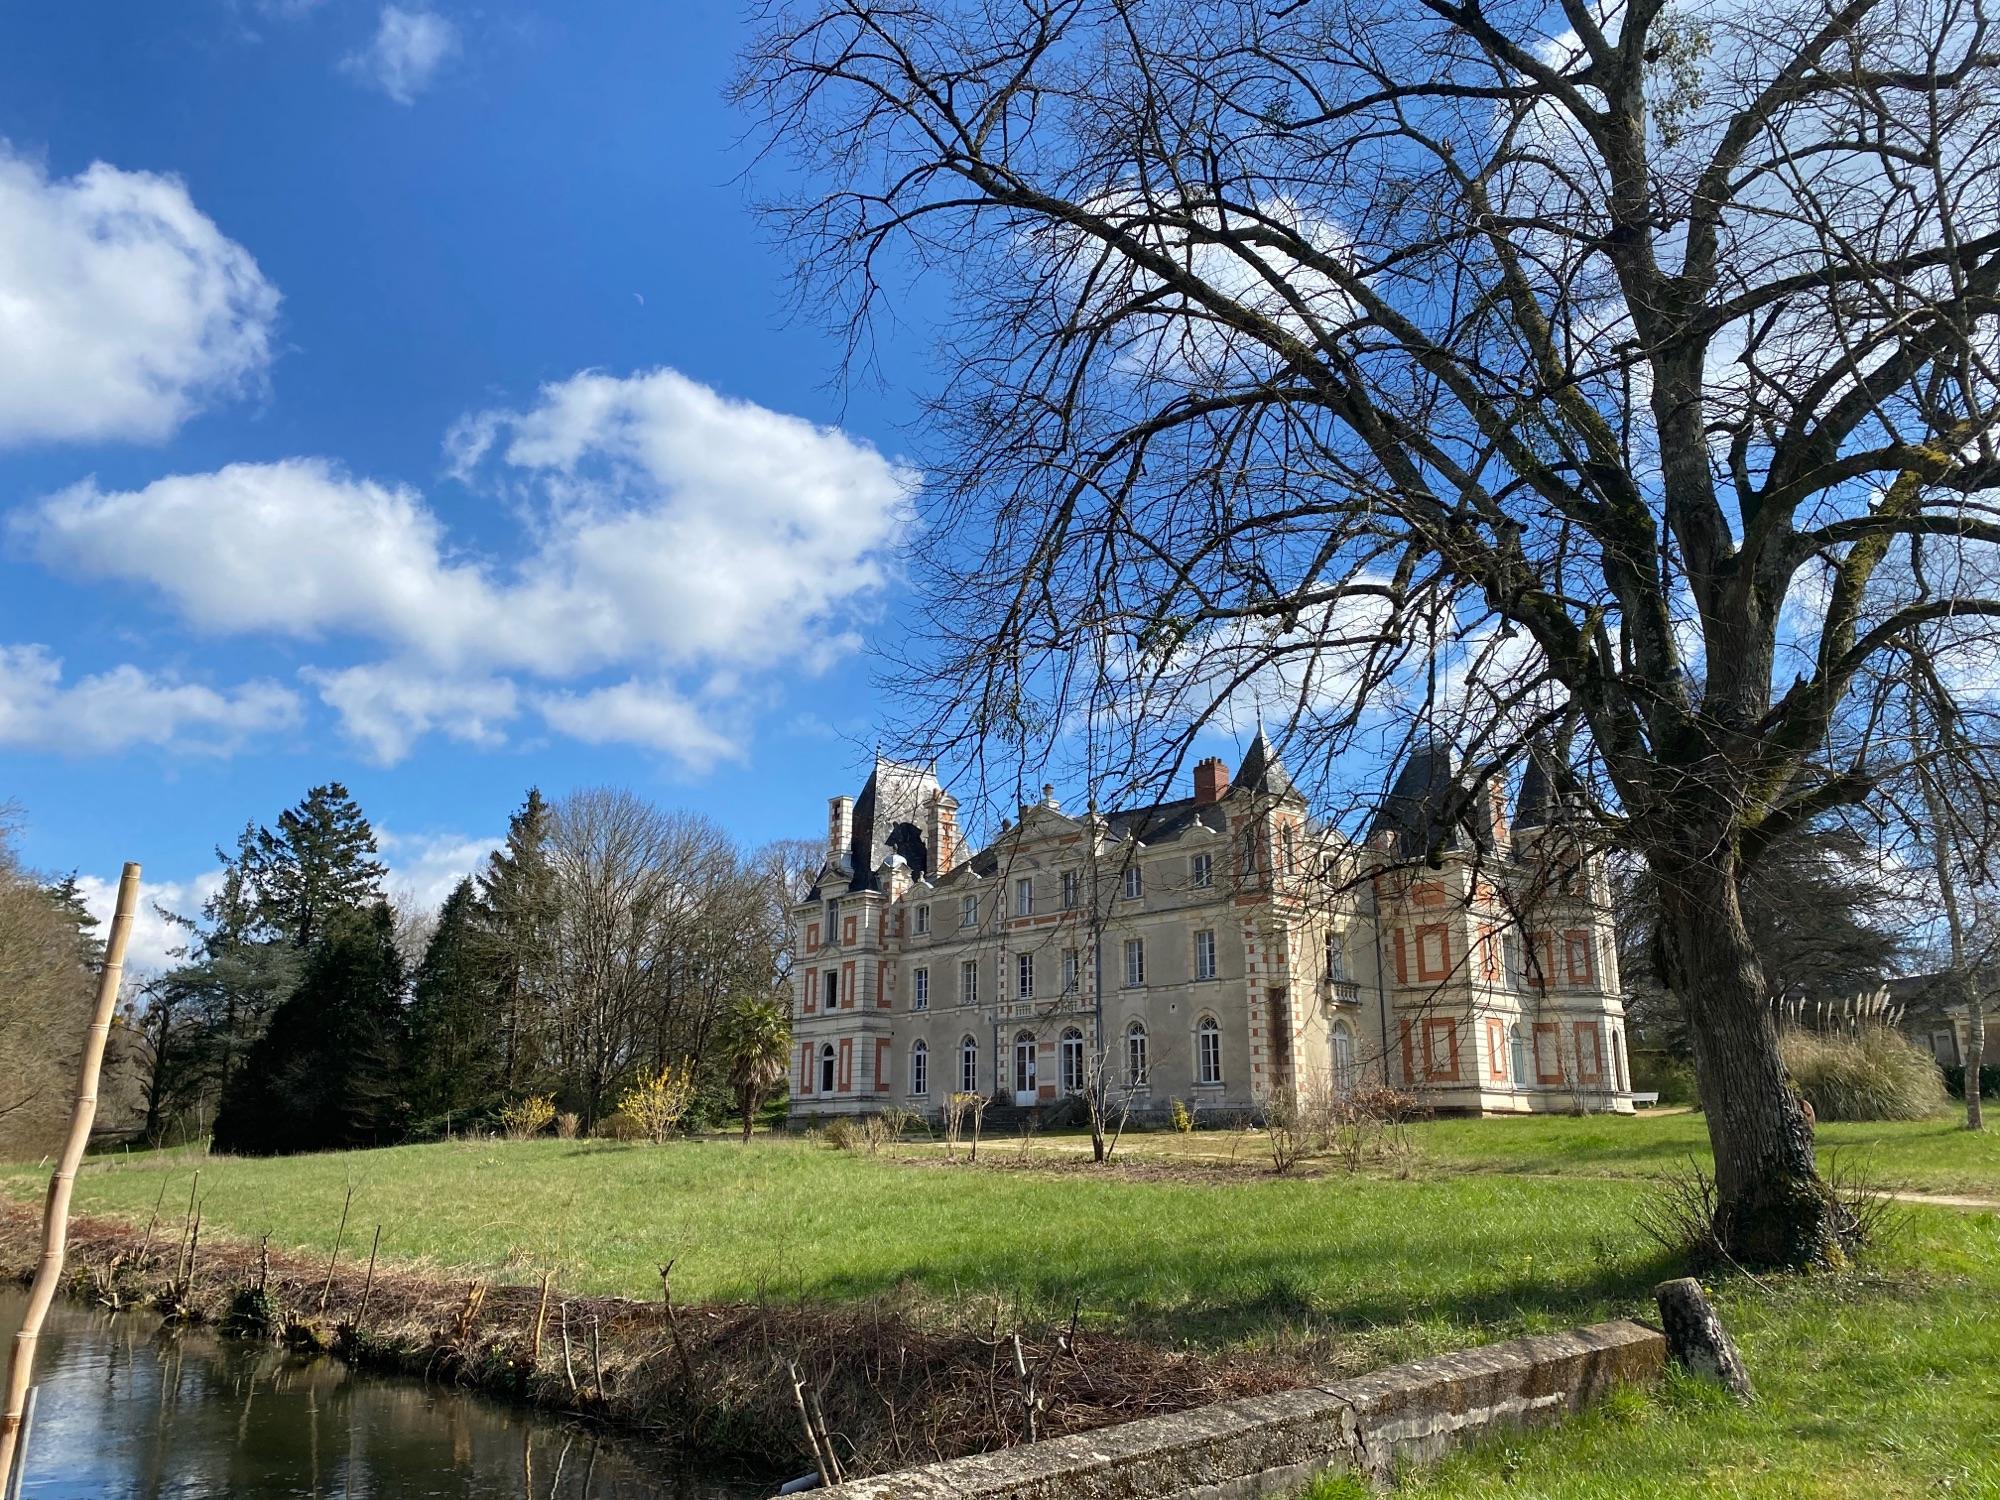 Chateau de Grésillon, 18 век. С 1951 года здесь обитают эсперантисты, Kulturdomo de Franclandaj Esperantistoj. Лодочки в пруду. Полукруглая прекрасная конюшня за домом. Понятно, никого - но парк открыт.